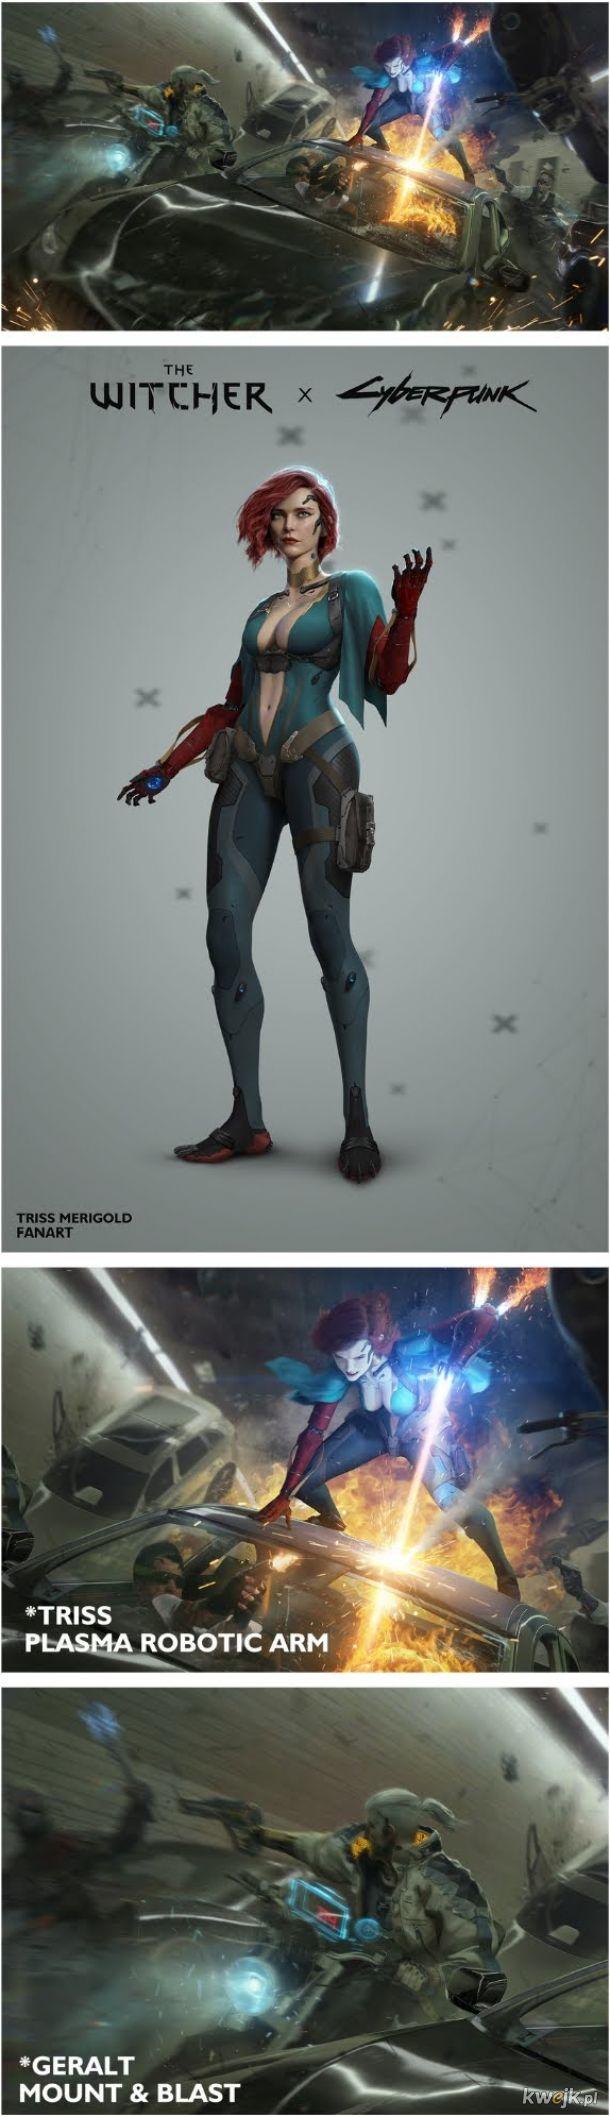 WitcherPunk 2077